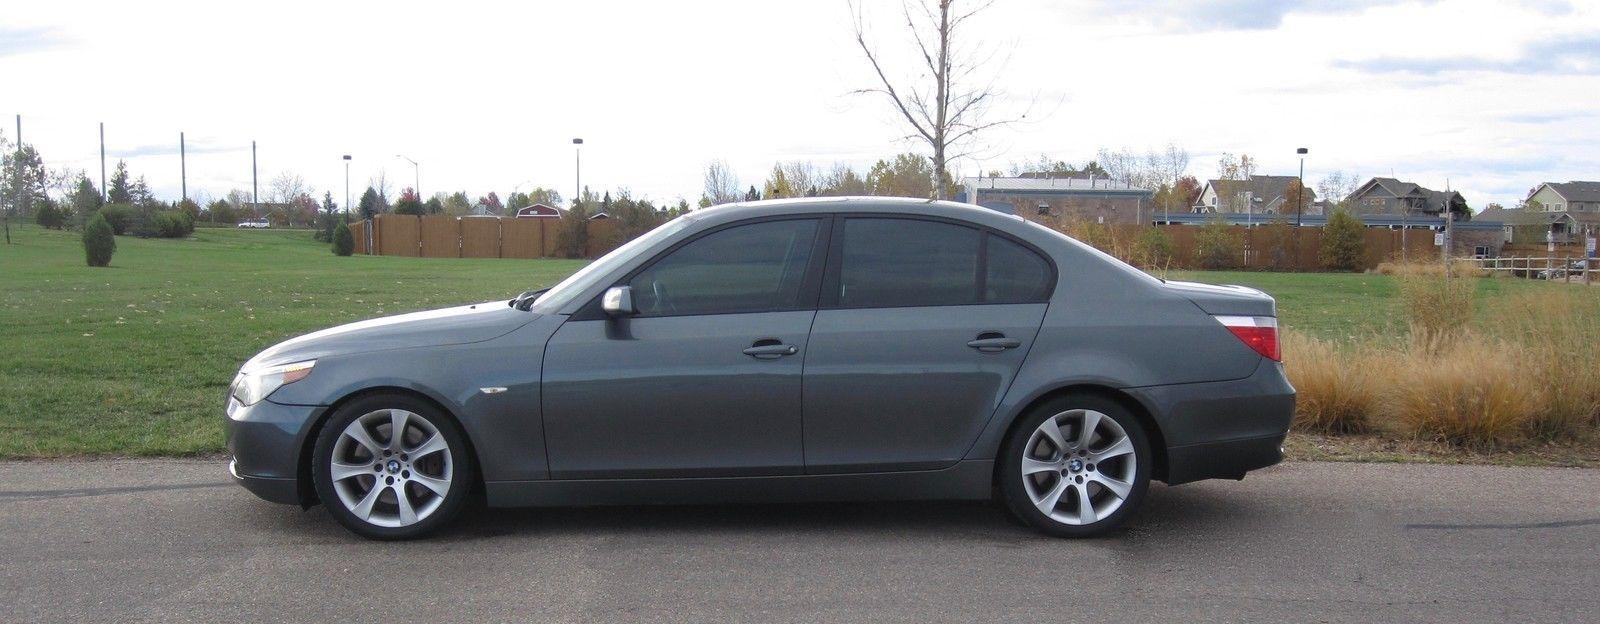 Car Brand AuctionedBMW Series Base Sedan Door Car Model - 545 bmw